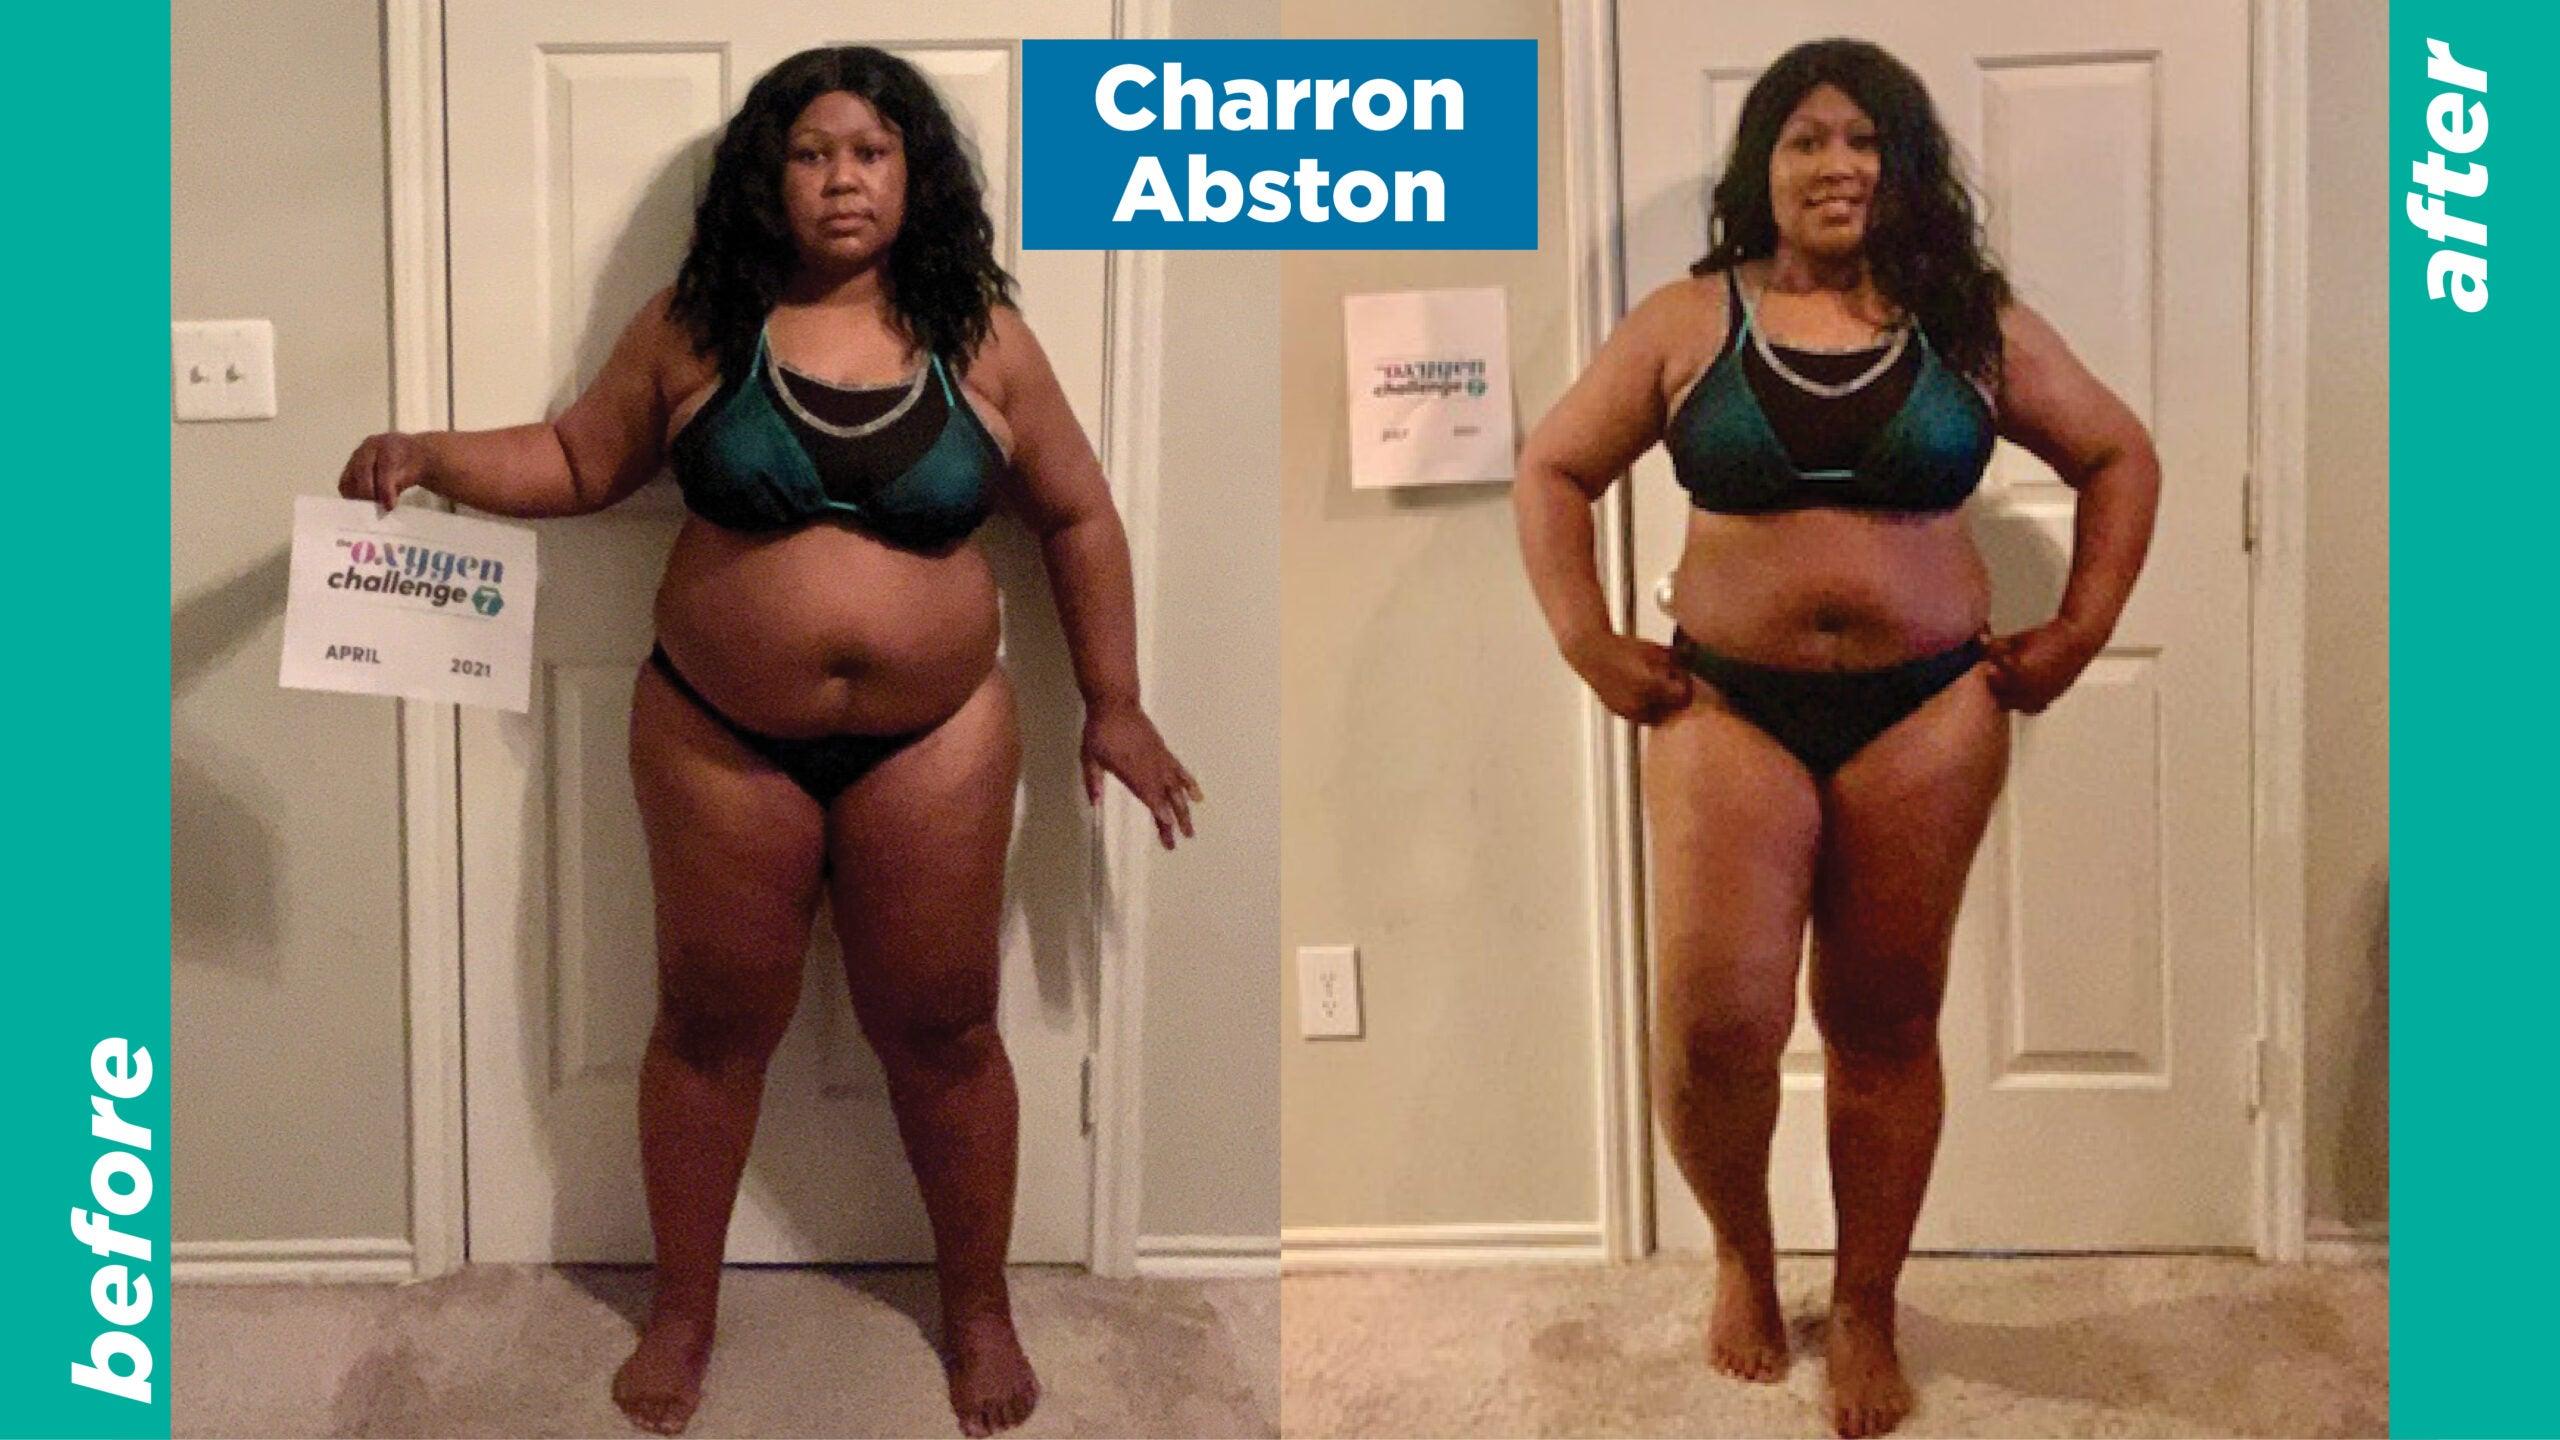 Charron Abston